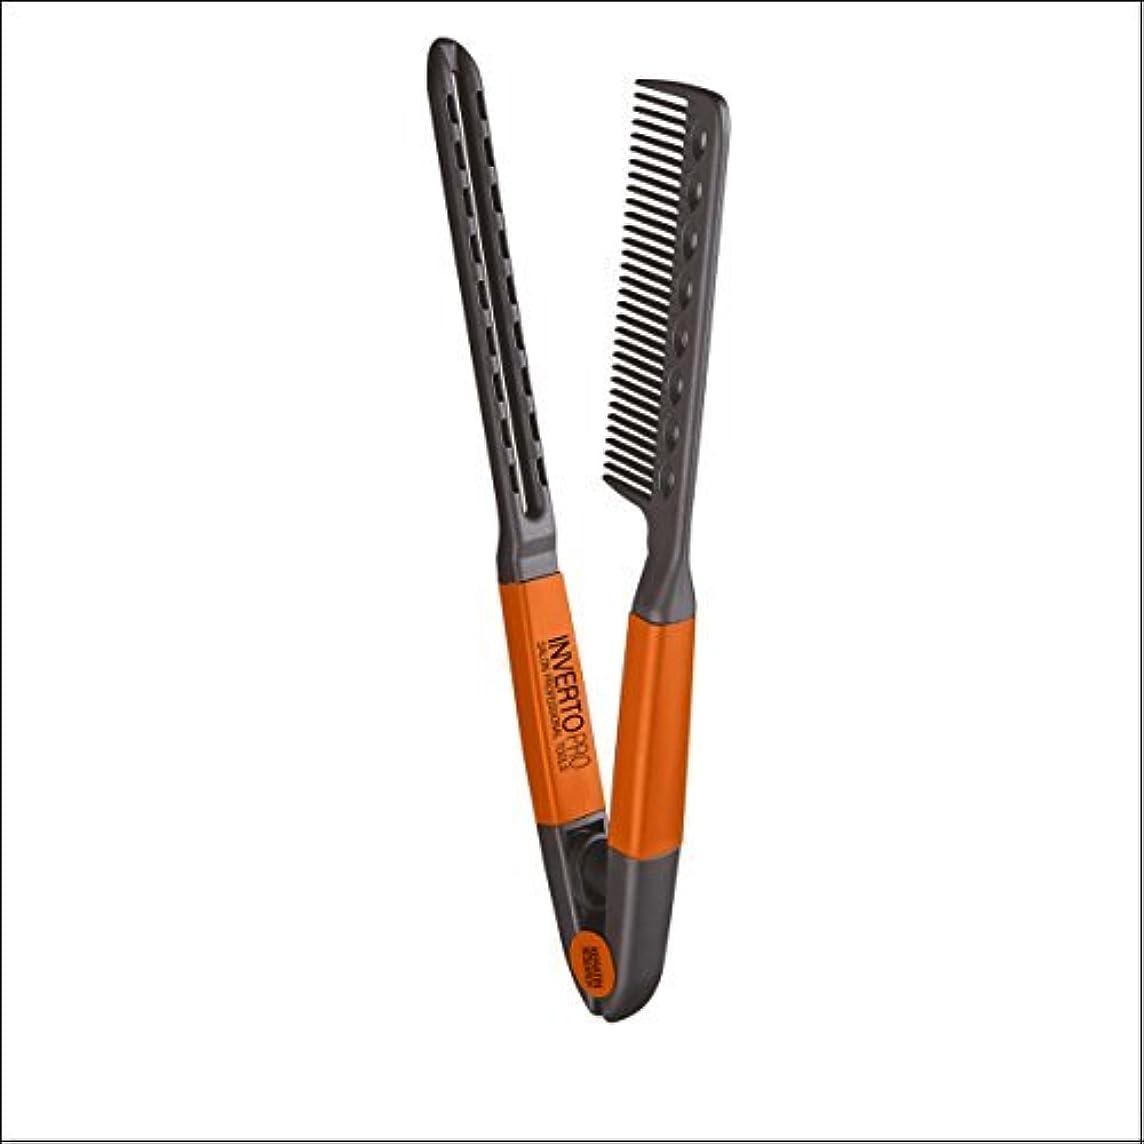 マントル故障中コインランドリーEasy Comb for Brazilian Keratin Hair Treatment and Straightening [並行輸入品]